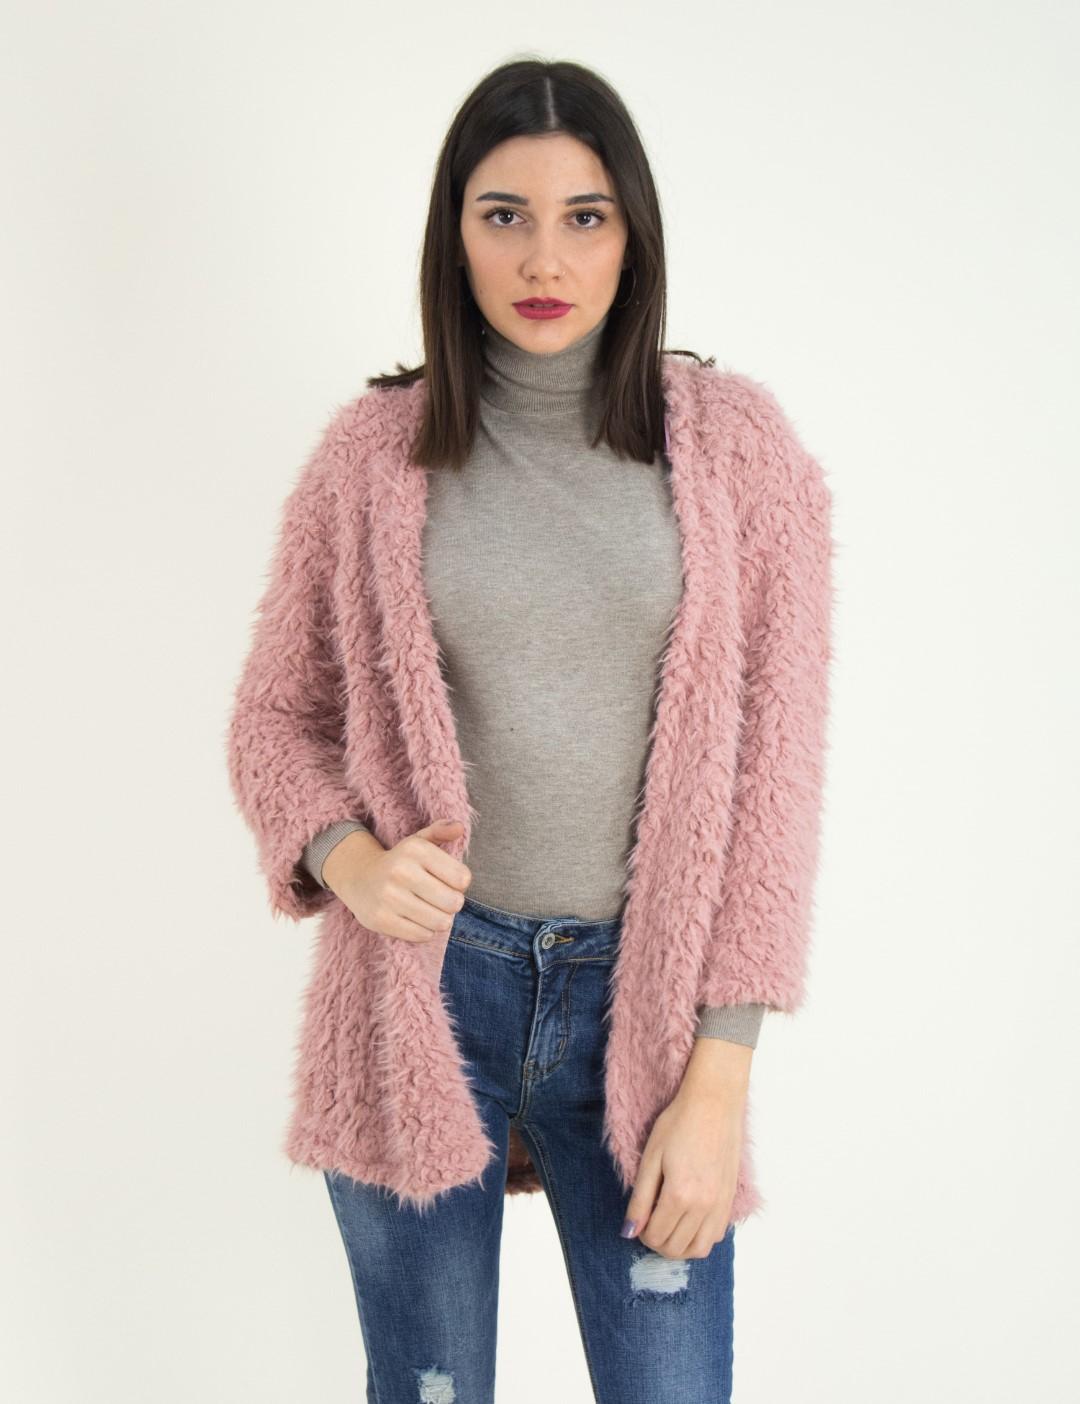 Γυναικεία ροζ ζακέτα γουνάκι μονόχρωμη Benissimo 64735C 06caa3c4141